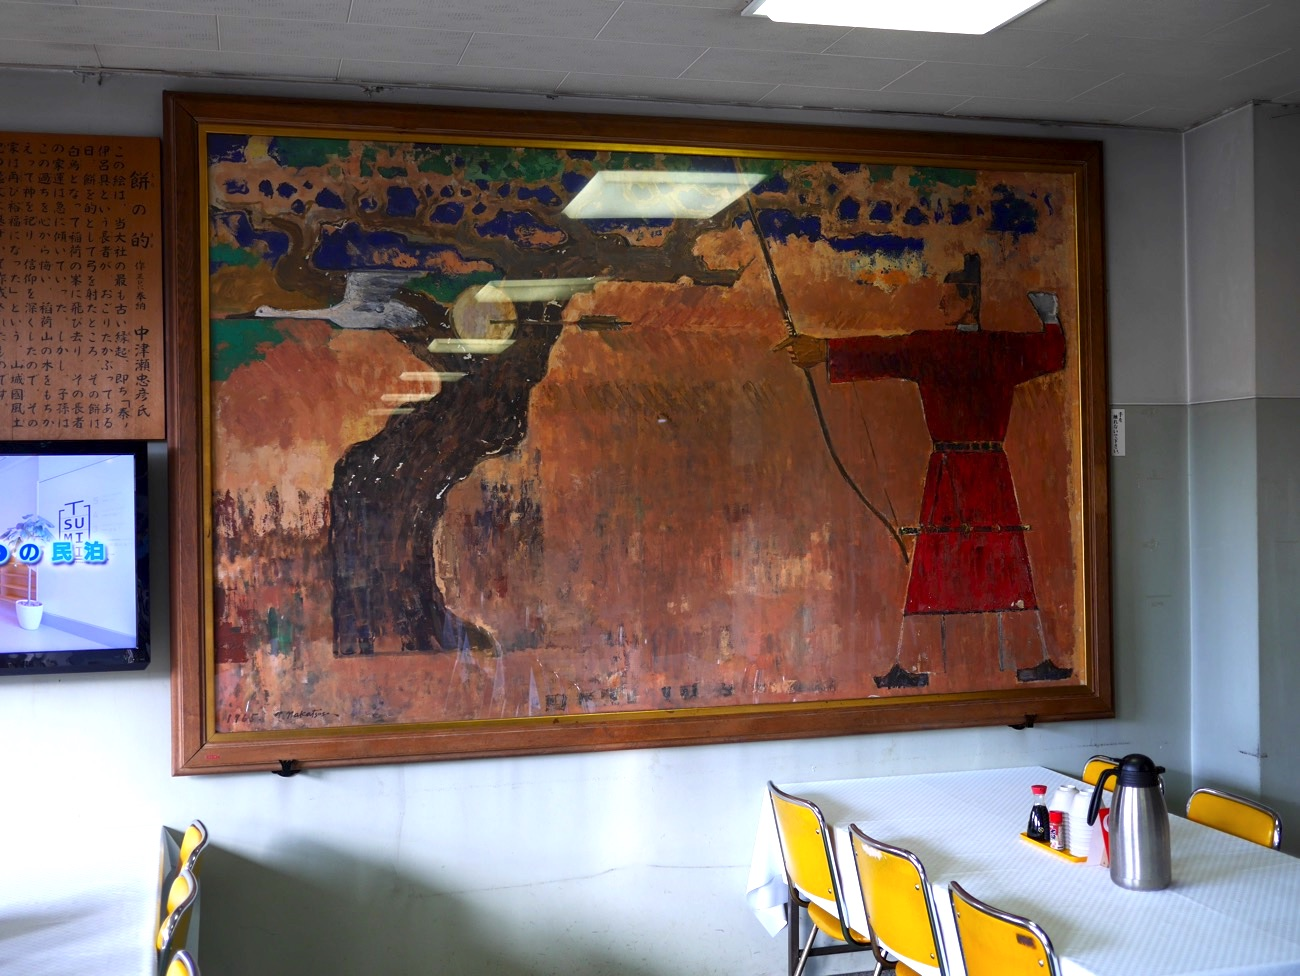 食堂に飾られている絵